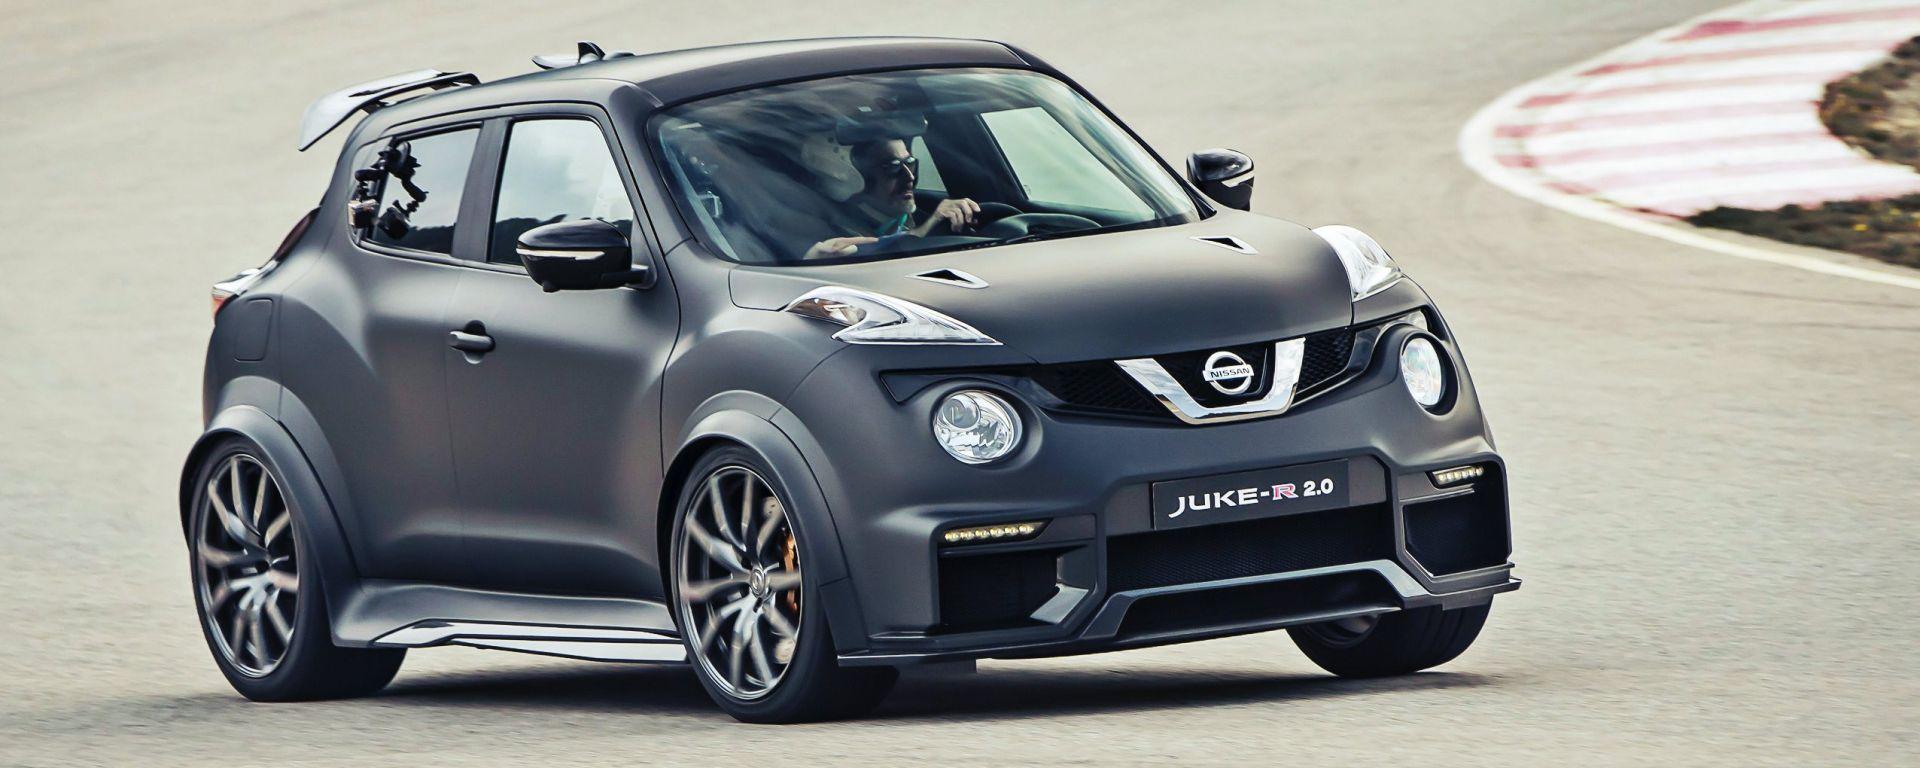 In pista con la Nissan Juke-R 2.0